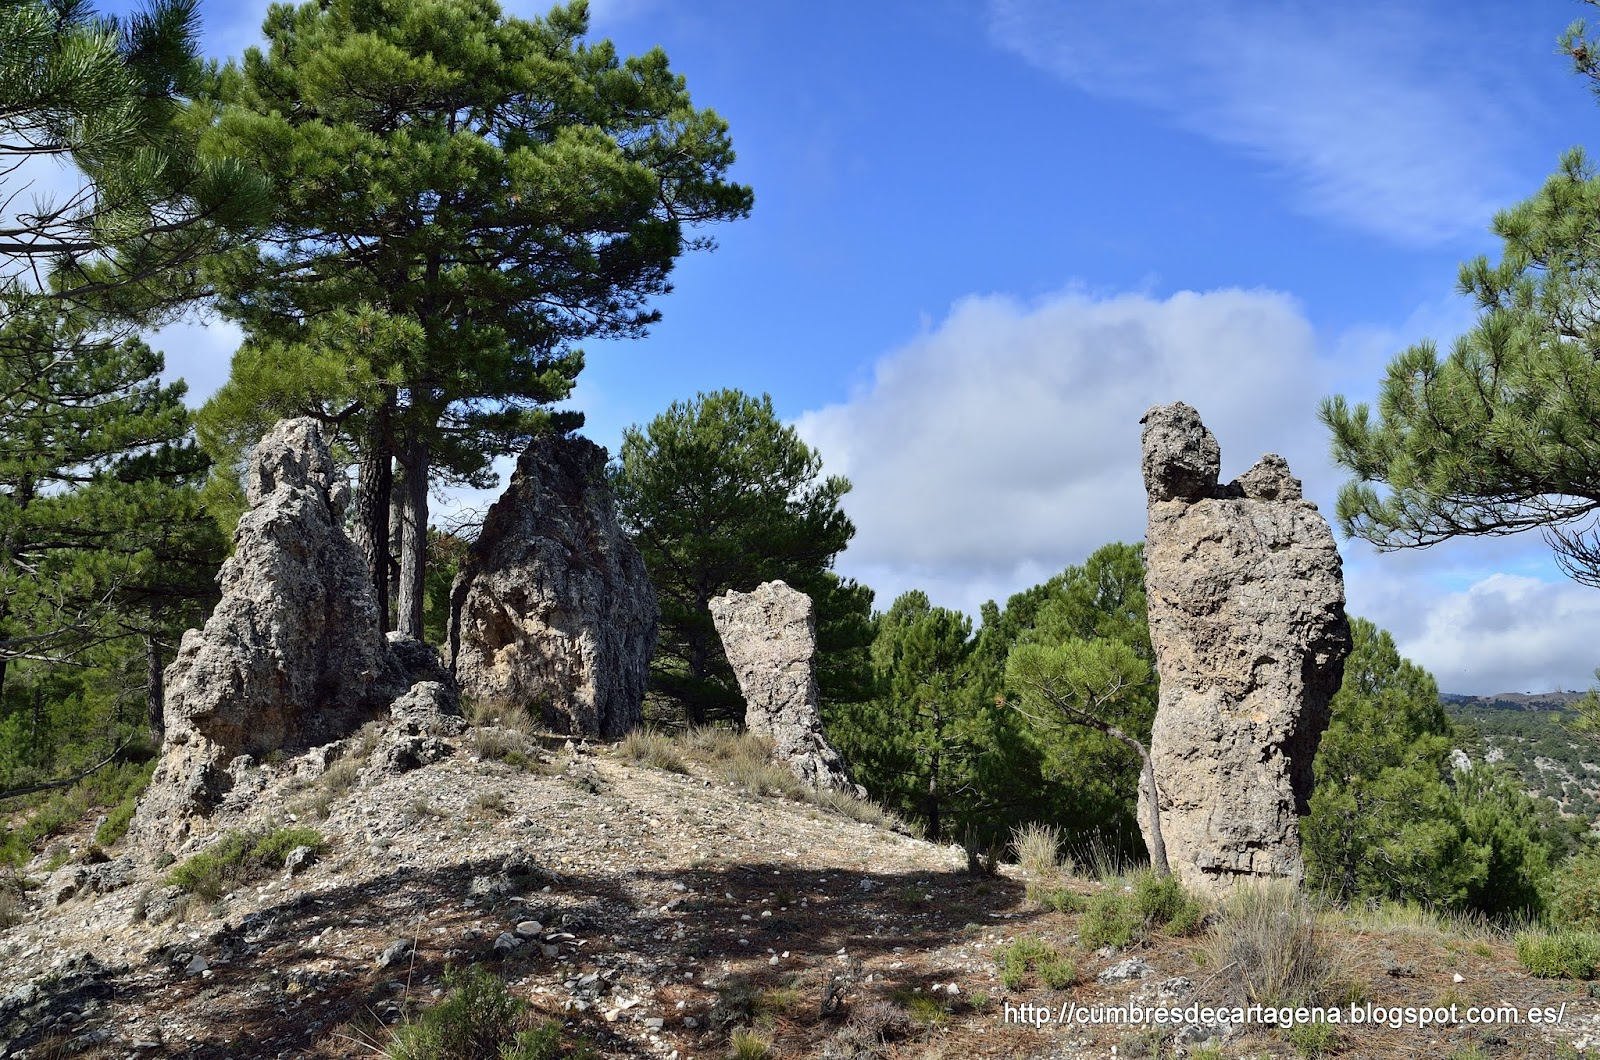 Monta as de cartagena senderismo de batan del puerto a riopar por los gallineros - Altos del toril ...